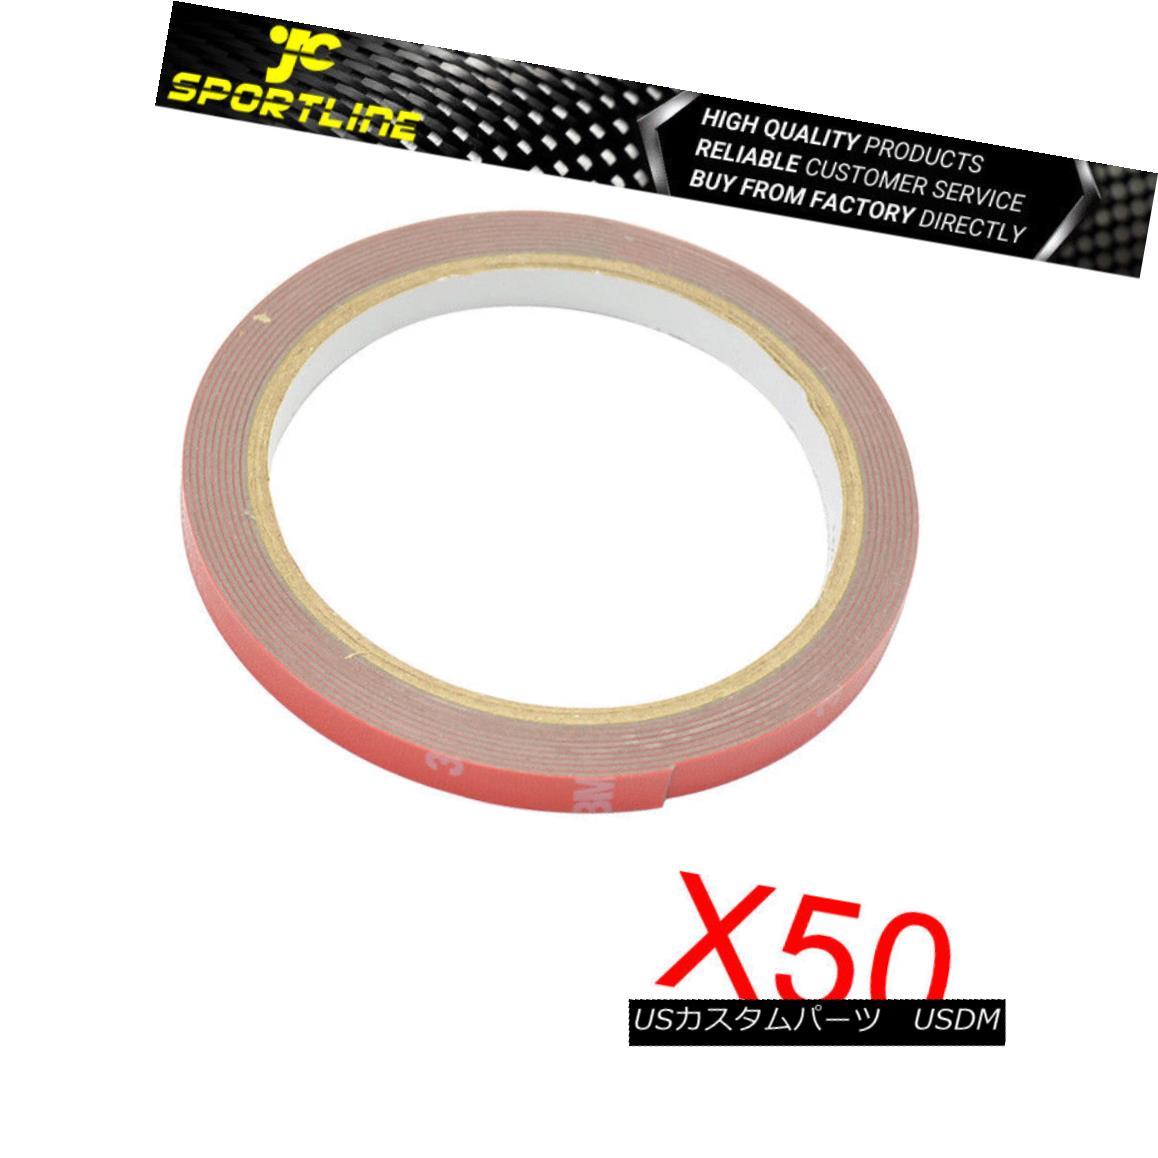 エアロパーツ 3M Double Sided Tape Strong Stickiness ACRYLIC FOAM For Car Auto Truck x50 Roll 3M両面テープ強粘着性ACRYLICフォーム自動車用オートトラックx50ロール用